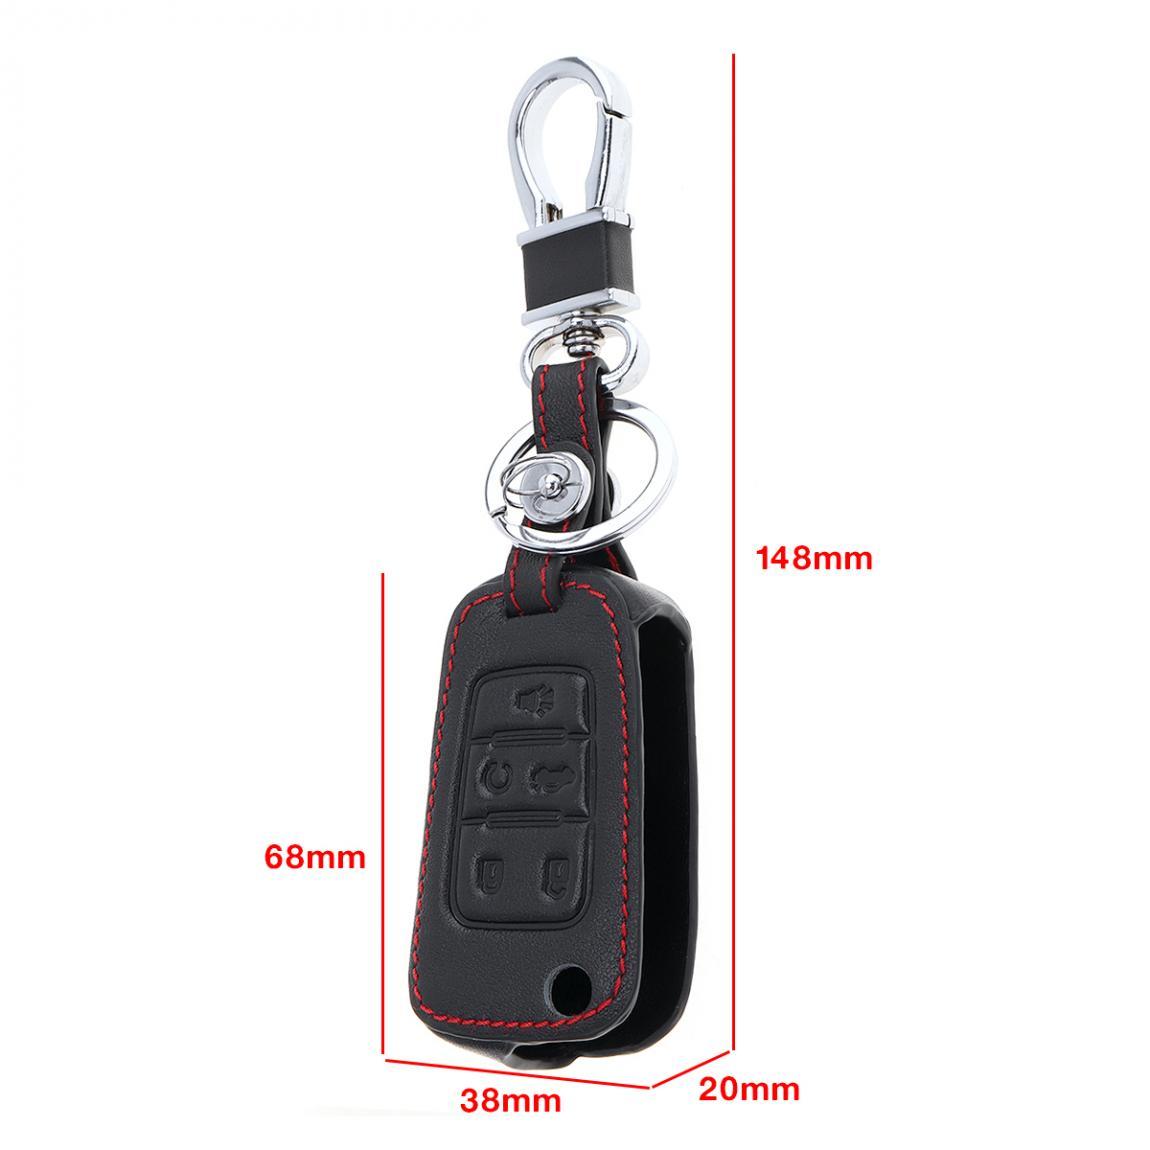 5 Knoppen 3d Lederen Autosleutel Cover Protector Houder Met Opknoping Gesp Voor Chevrolet Camaro Chevrolet Buick Gmc 2010- 2017